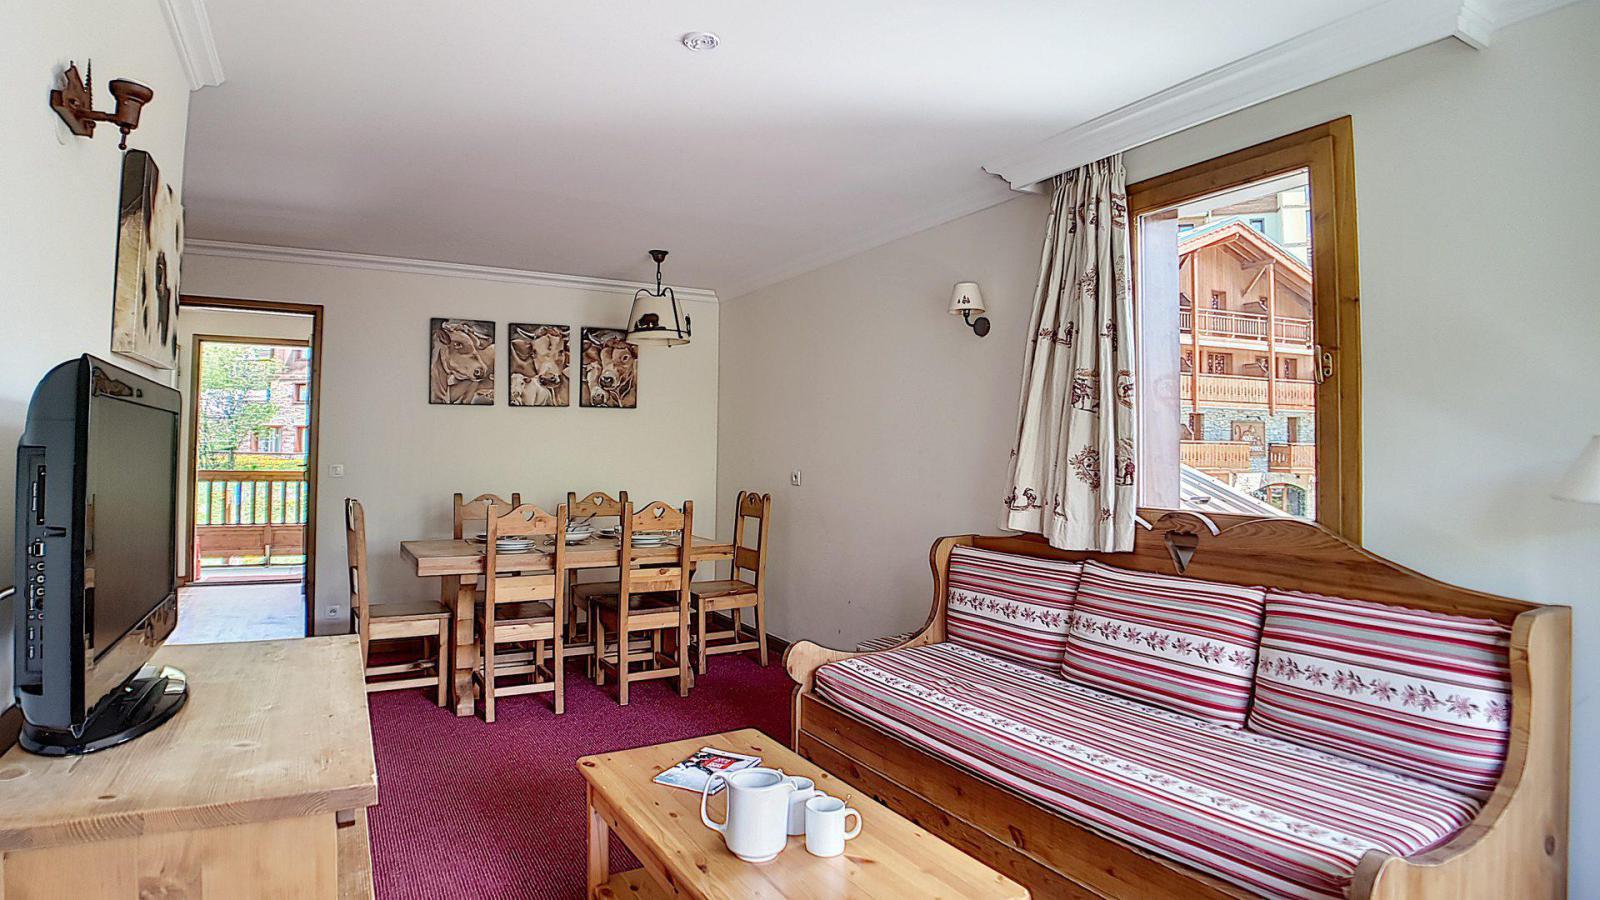 Location au ski Appartement 3 pièces 6 personnes (4) - Residence Les Cristaux - Les Menuires - Table